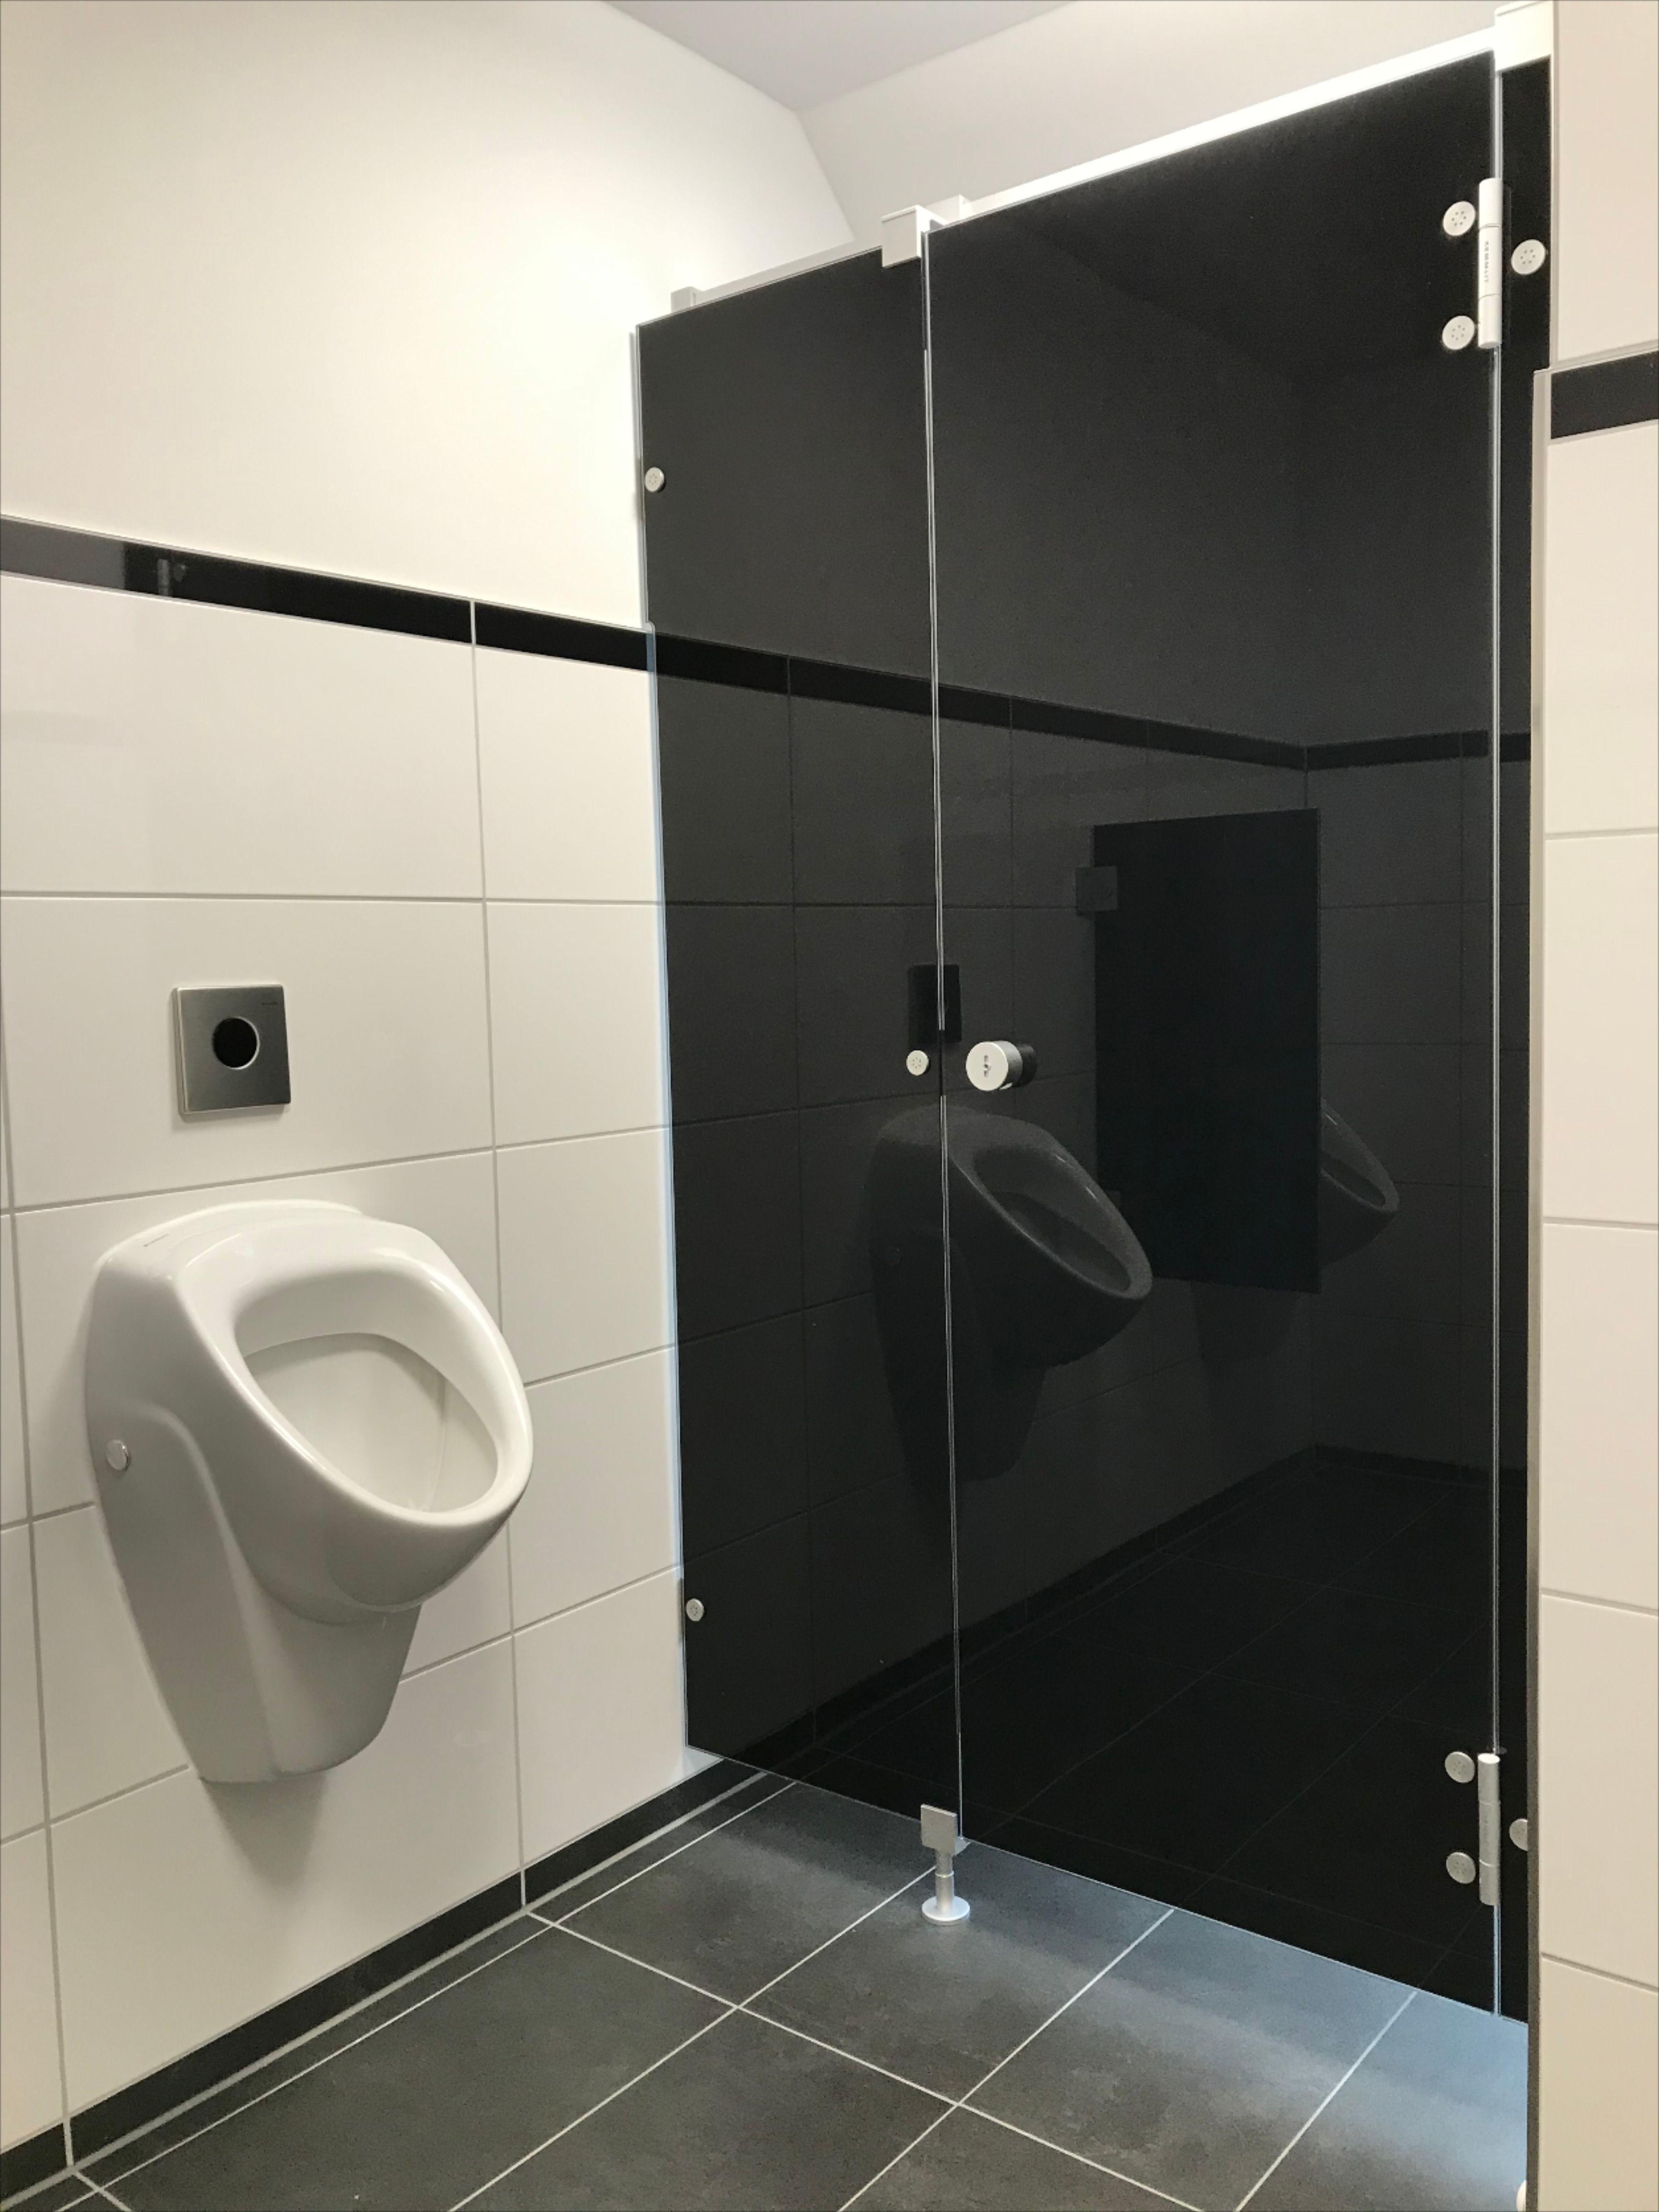 Wc Trennwandanlage Noxx Smart Von Kemmlit In Der Farbe Tiefschwarz In 2020 Verwaltungsgebaude Trennwand Wand